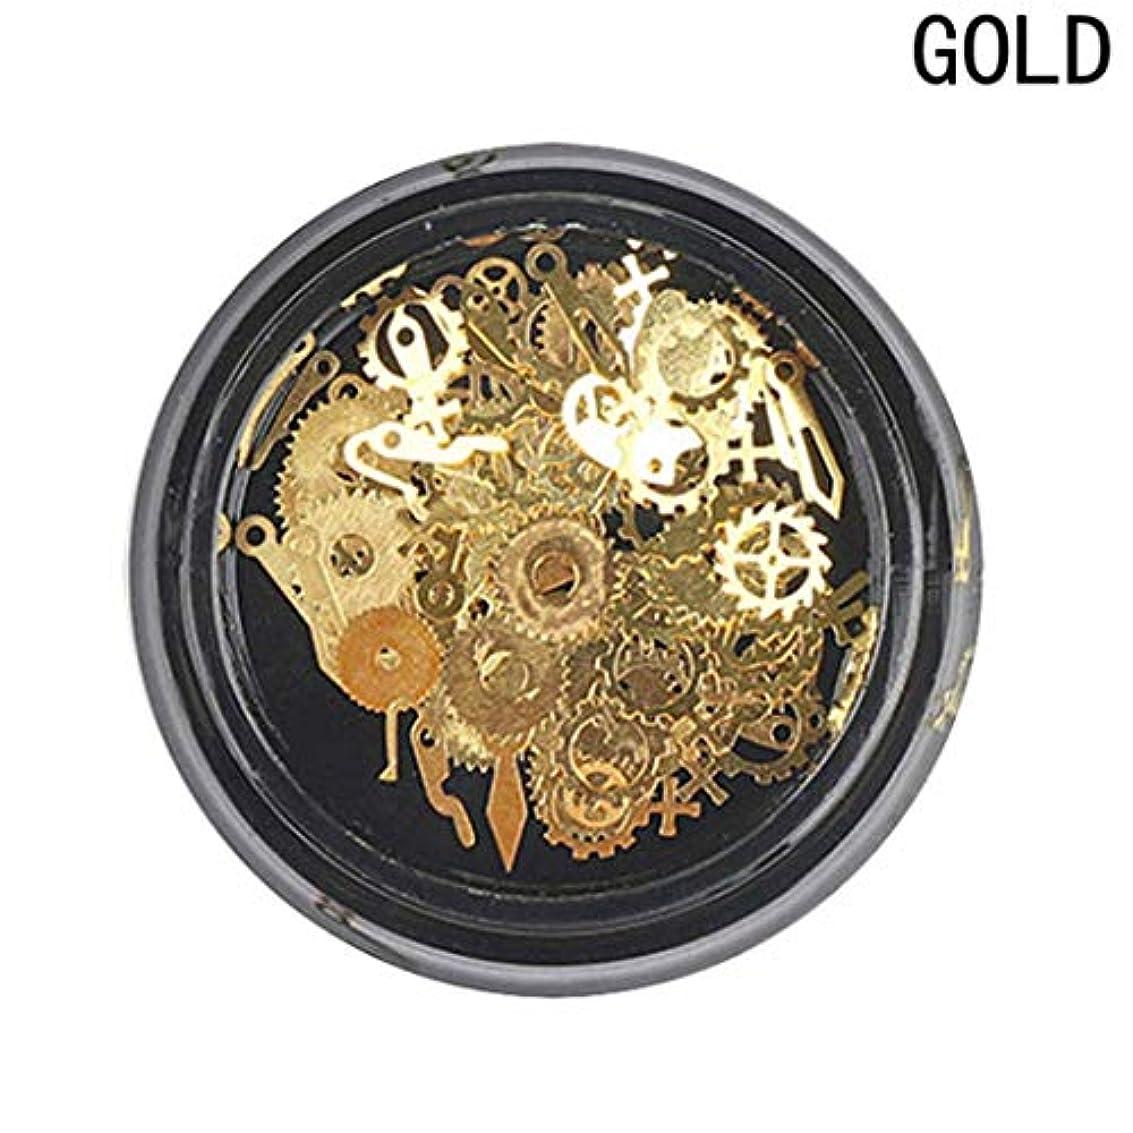 墓地蓮一貫性のないWadachikis ベストセラーファッションユニークな合金蒸気パンクギアネイルアート装飾金属スタイルの創造的な女性の爪DIYアクセサリー1ボックス(None golden)